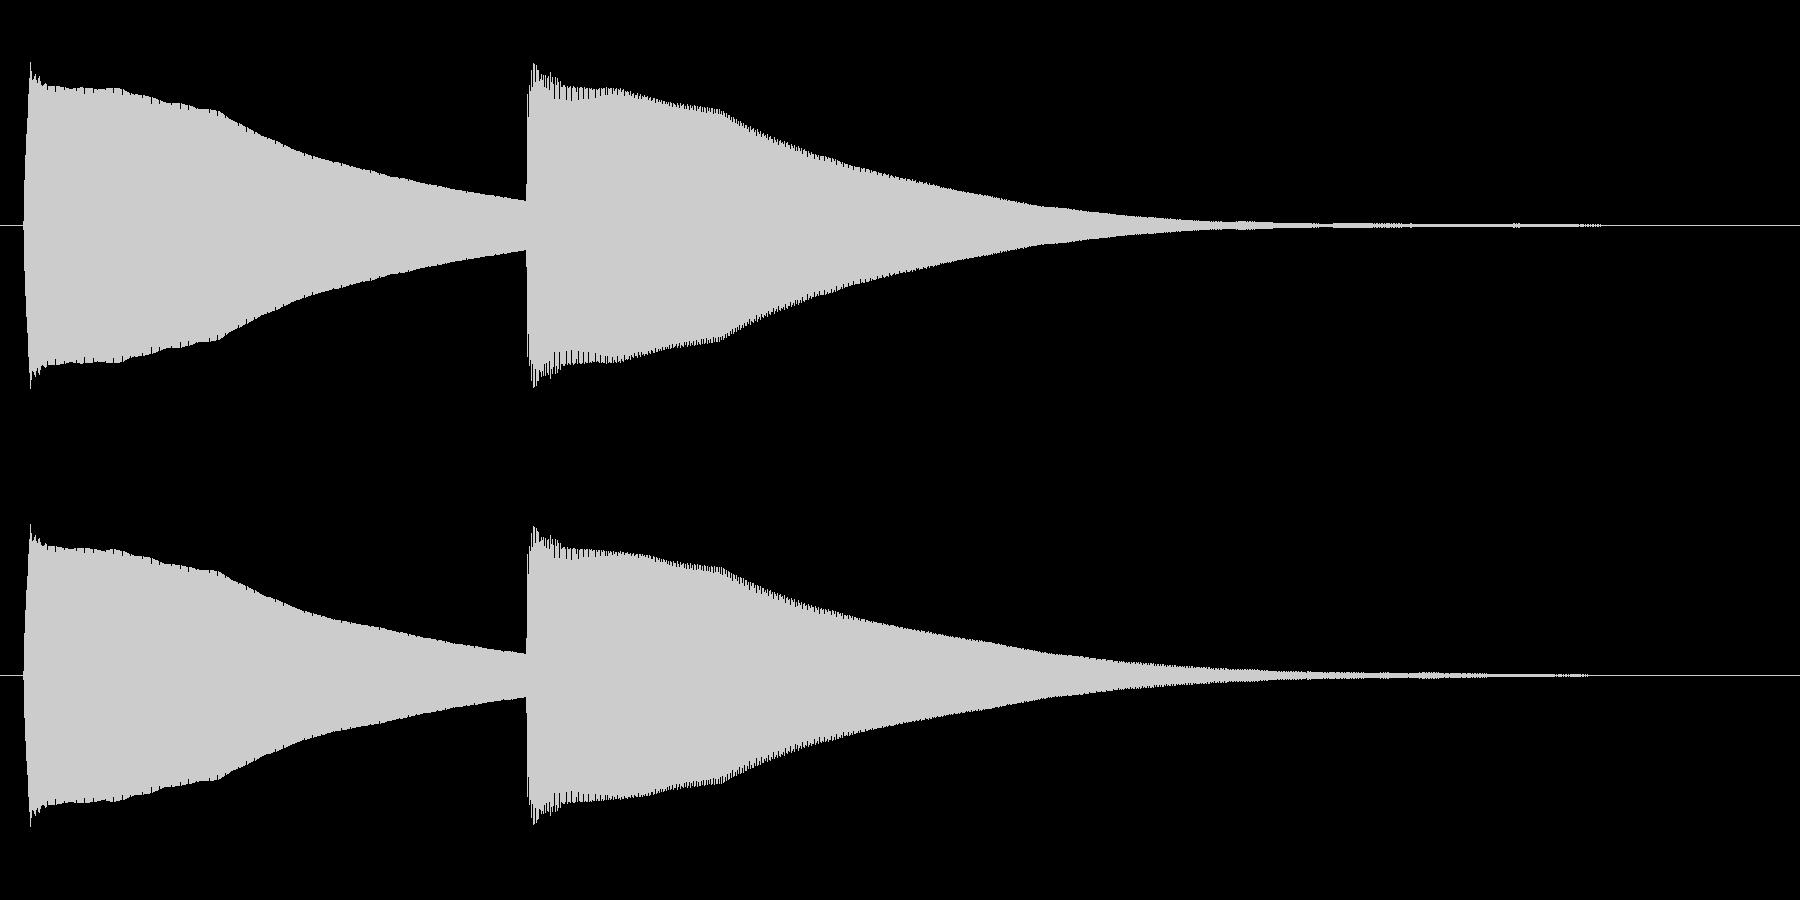 ピーコン(甲高く繊細な電子音)の未再生の波形